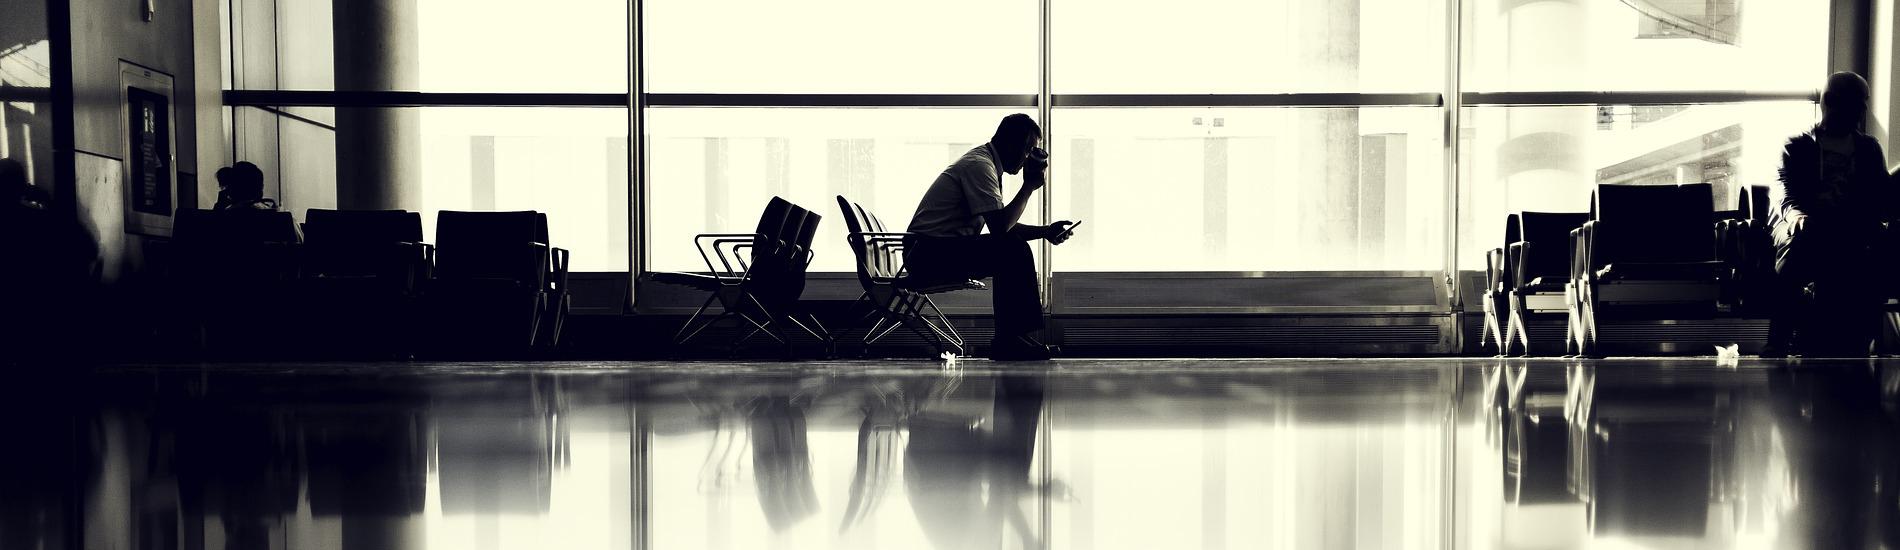 Czy podróżnik ma obowiązek zapłacić za przedłużony pobyt w hotelu z powodu zmiany godzin lotu?